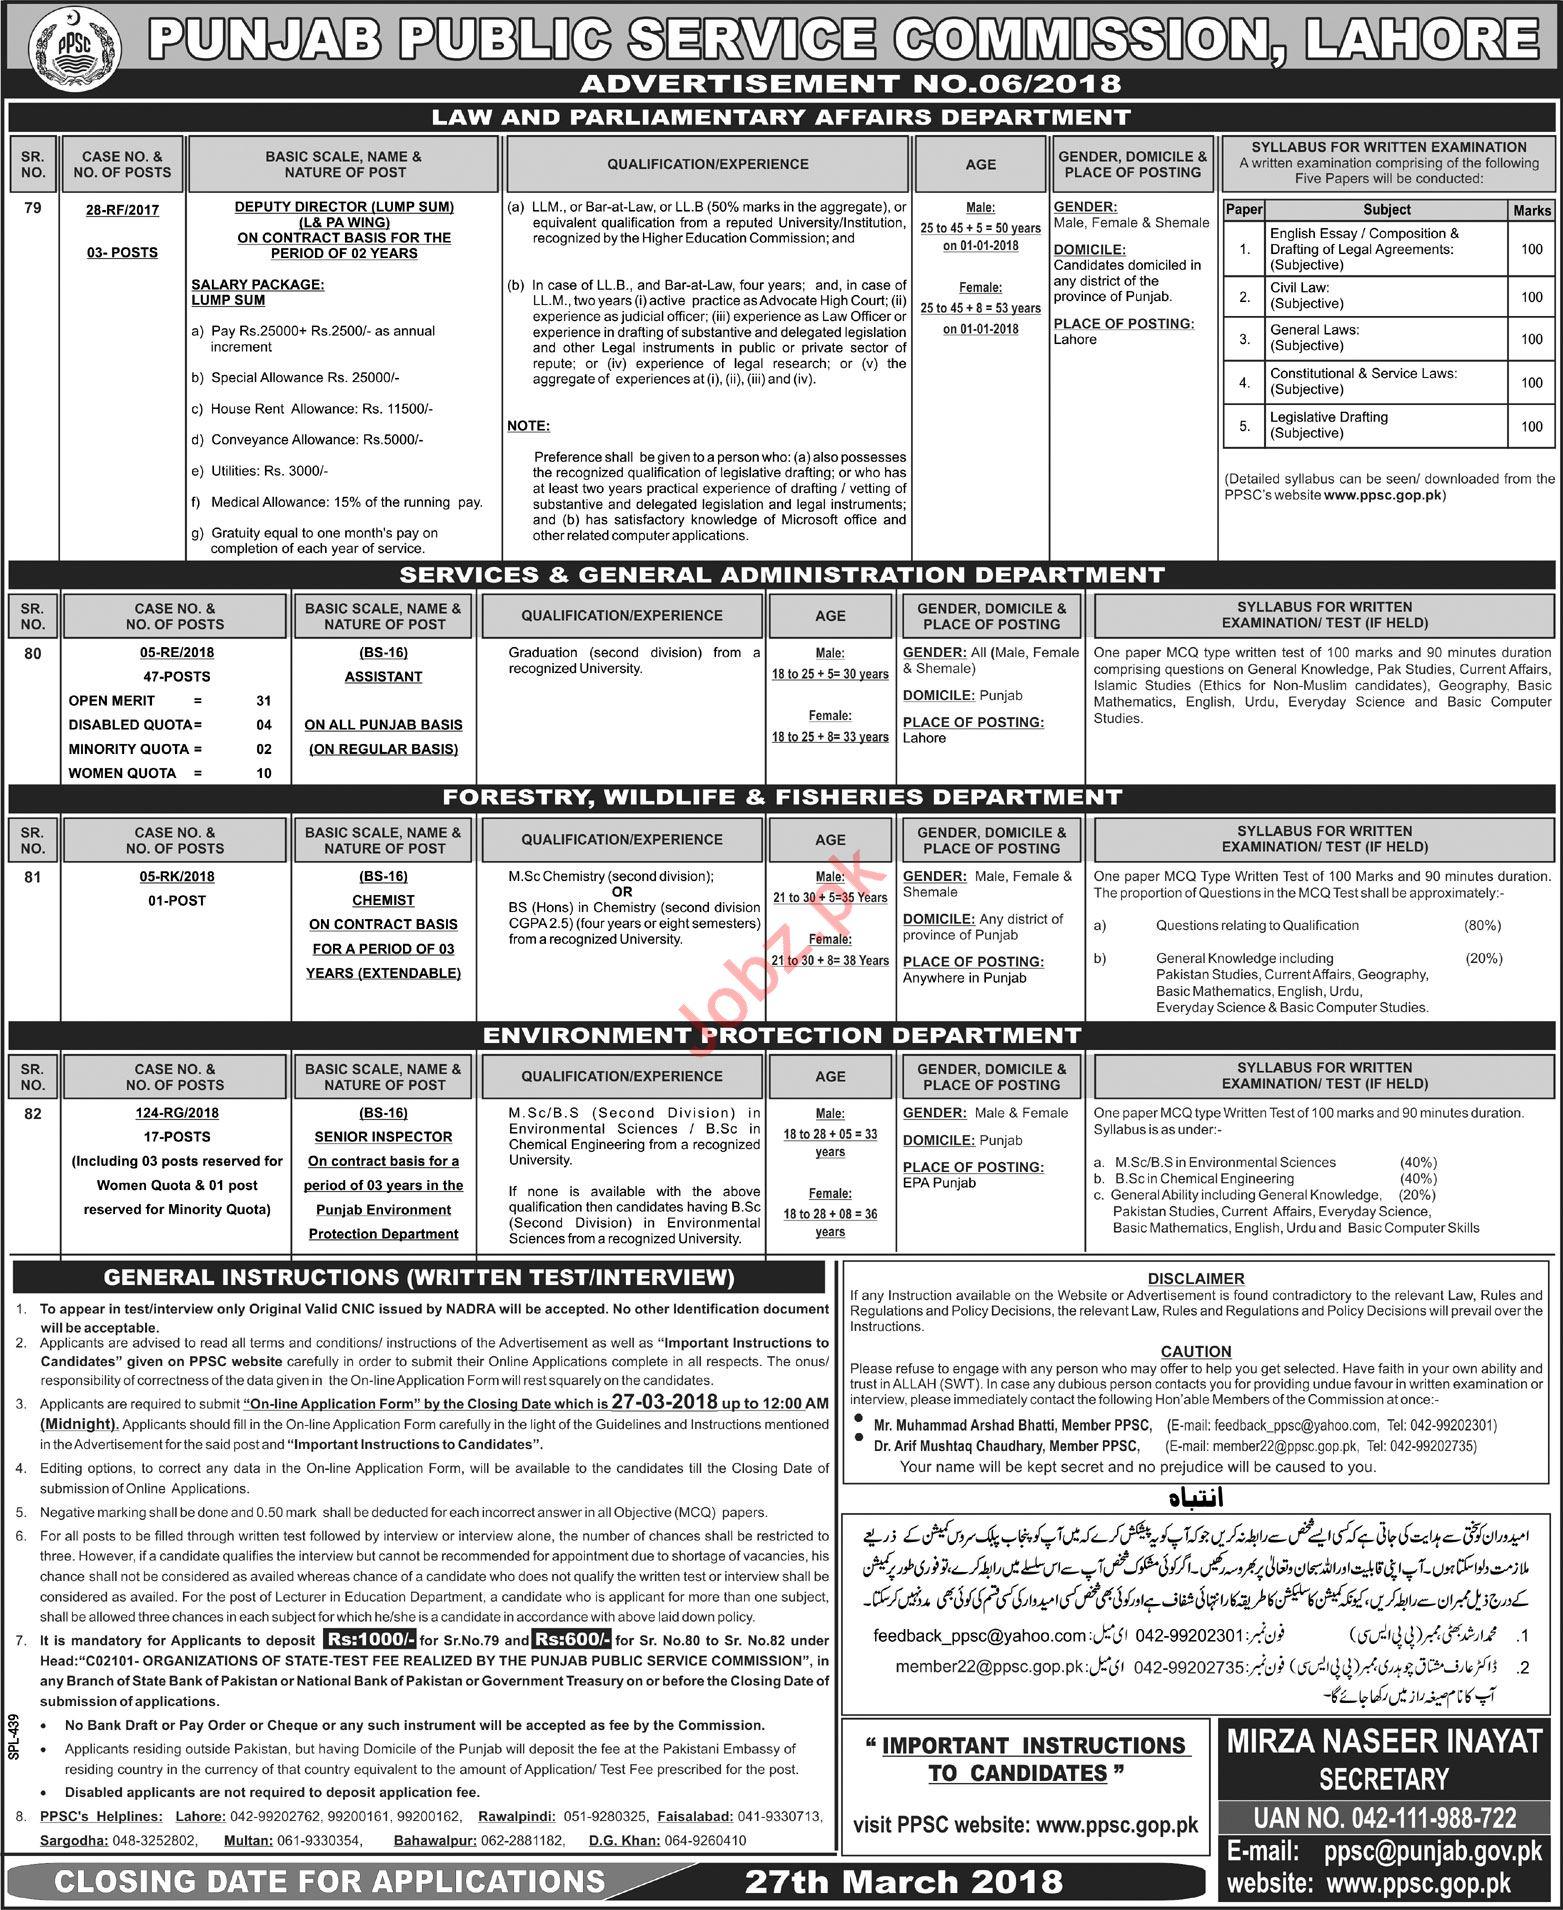 PPSC Punjab Public Service Commission Jobs 2018